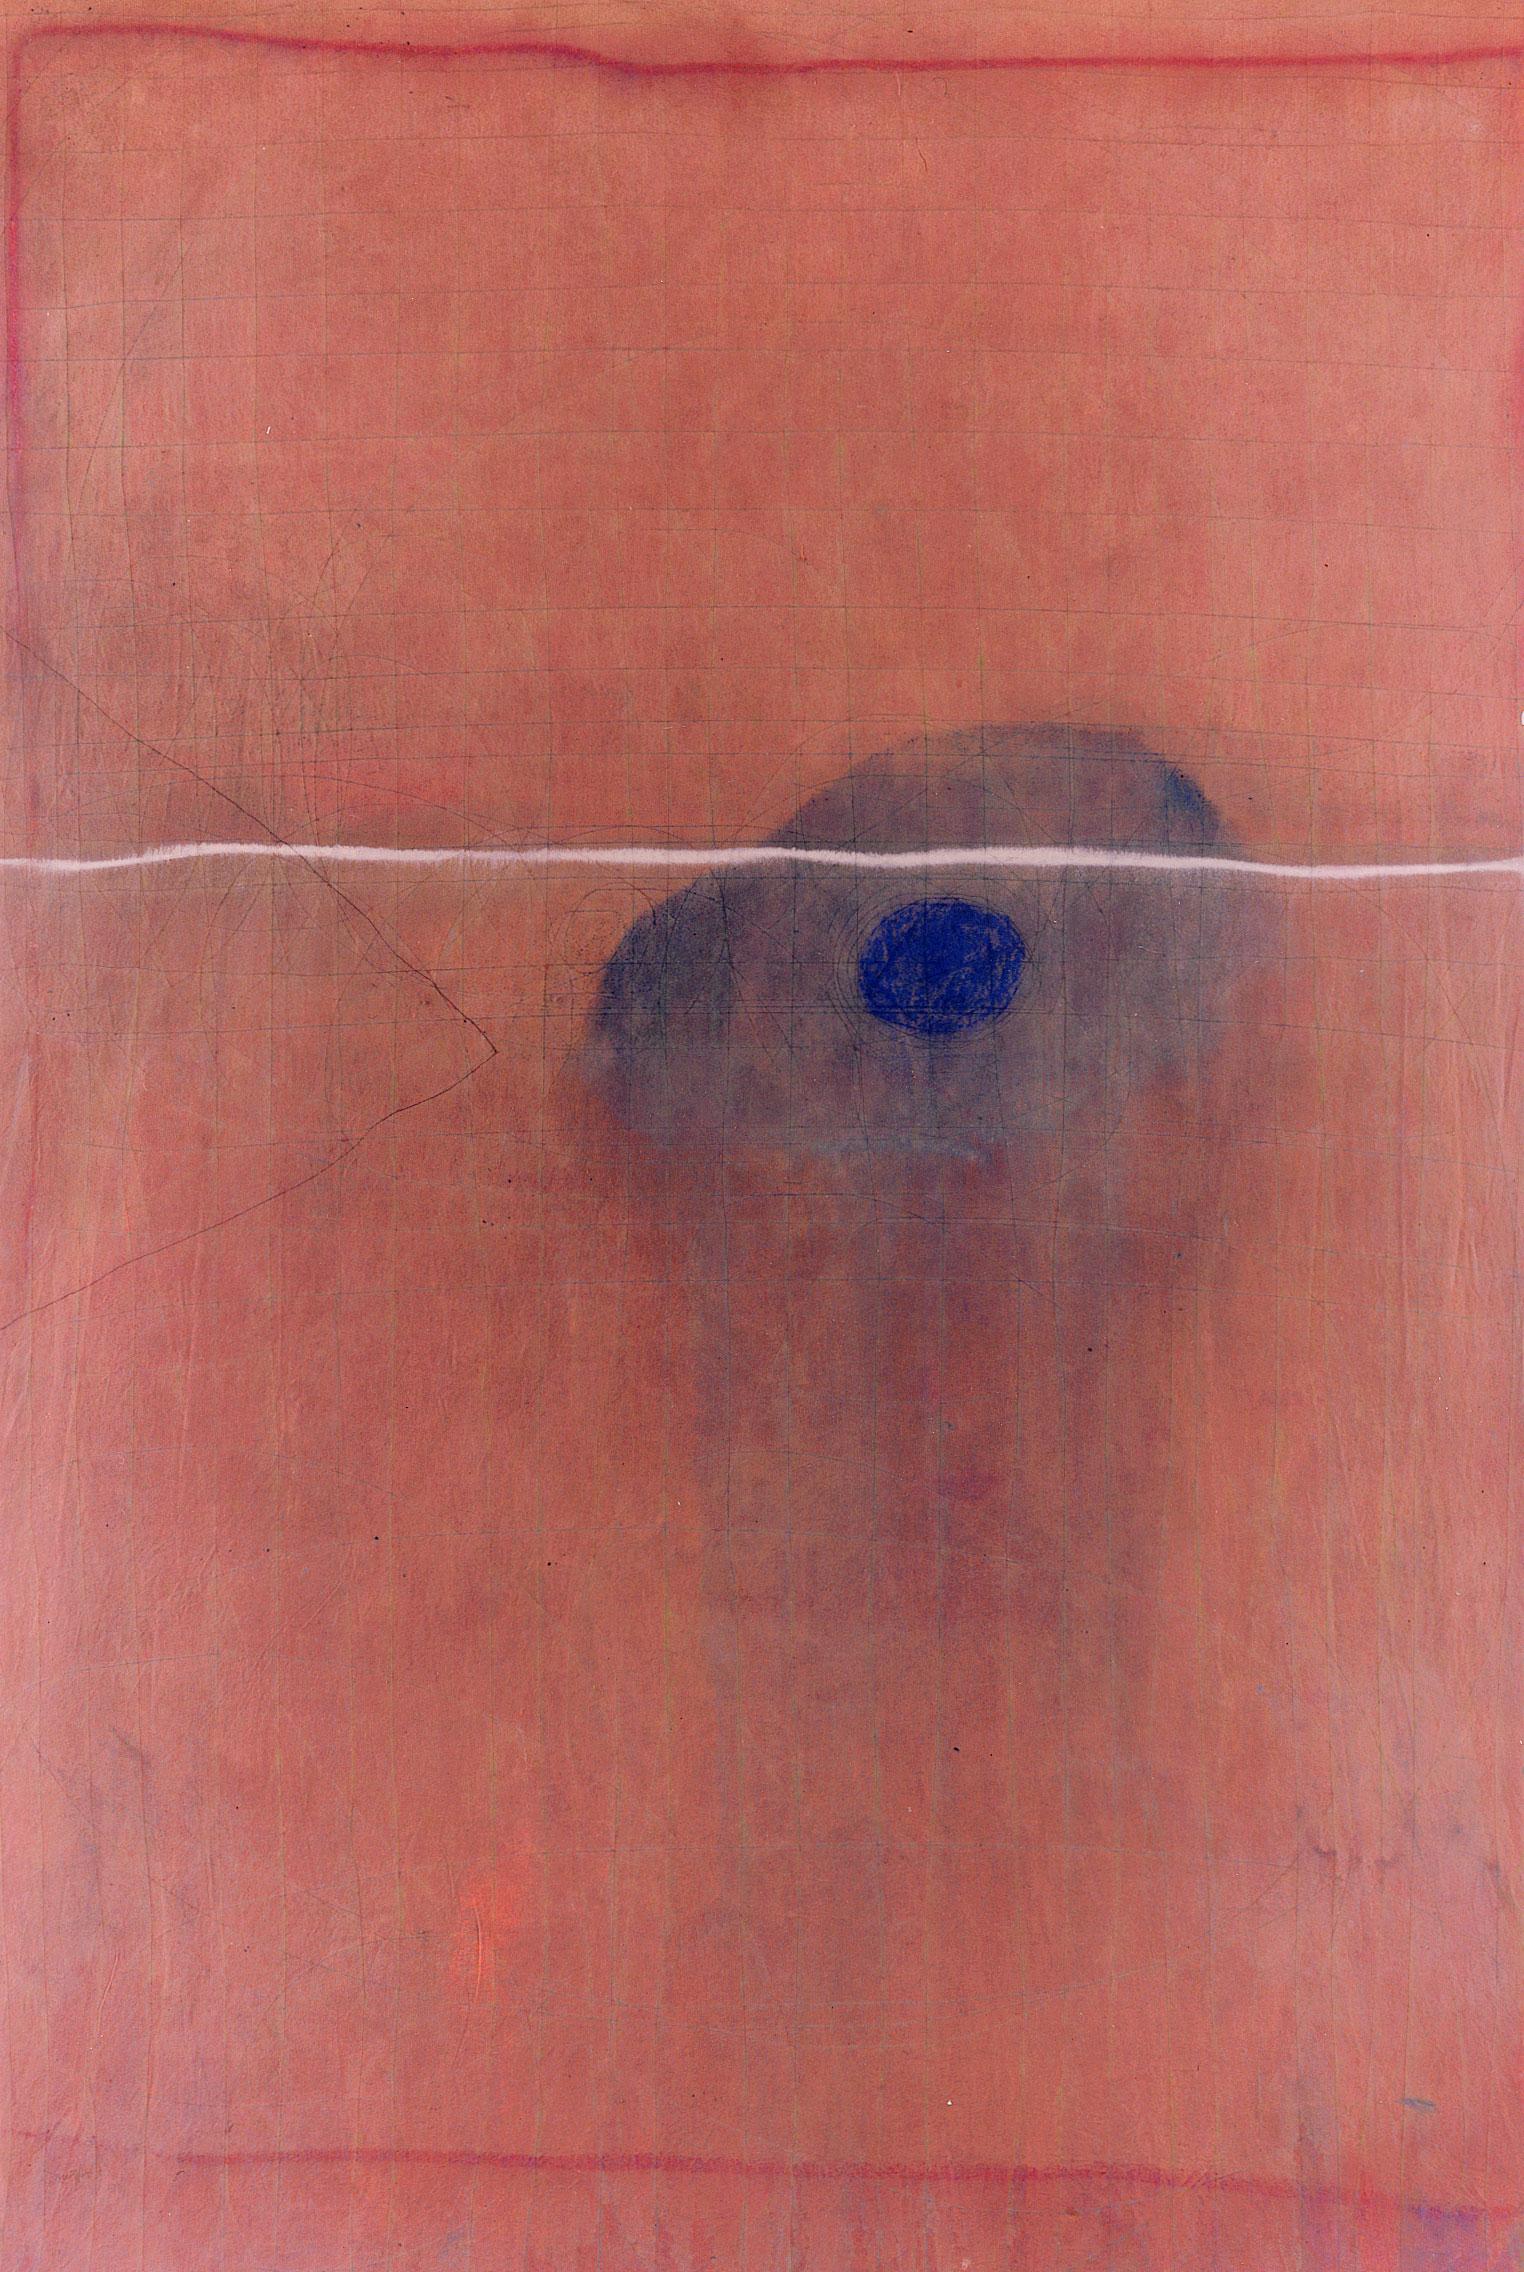 Sense títol,  pintura sobre tela, 195 x 135 centímetres 1999